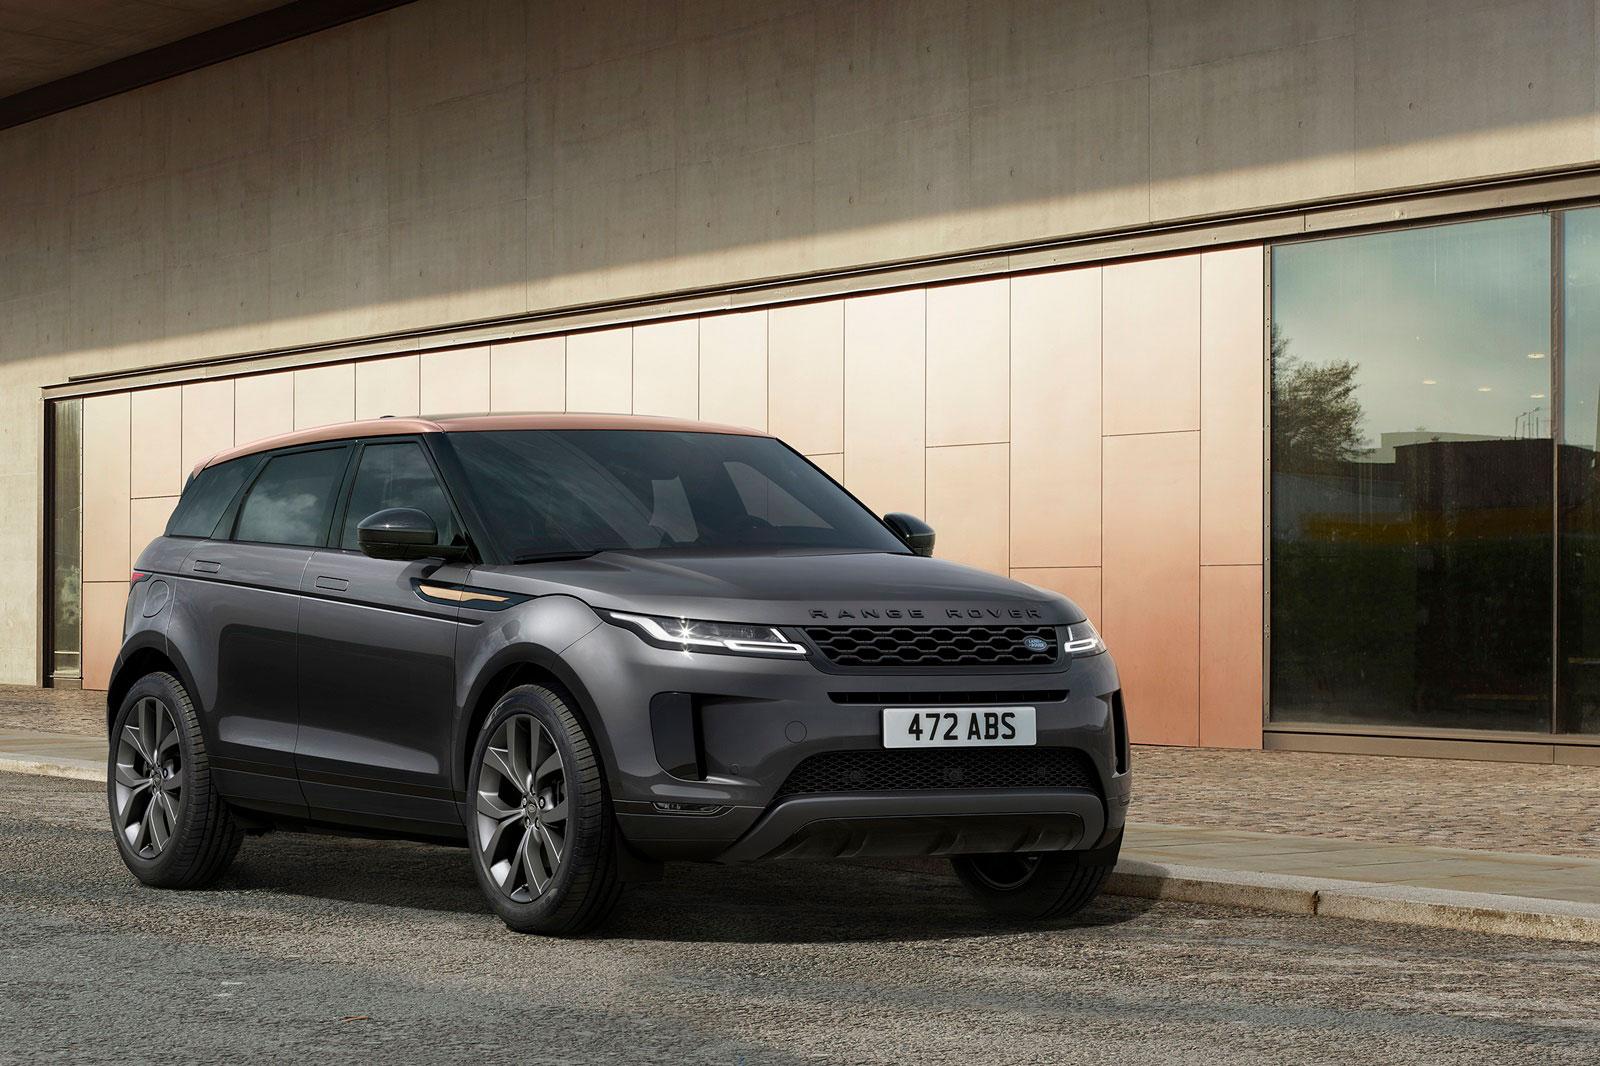 Foto Sondermodell Range Rover Evoque